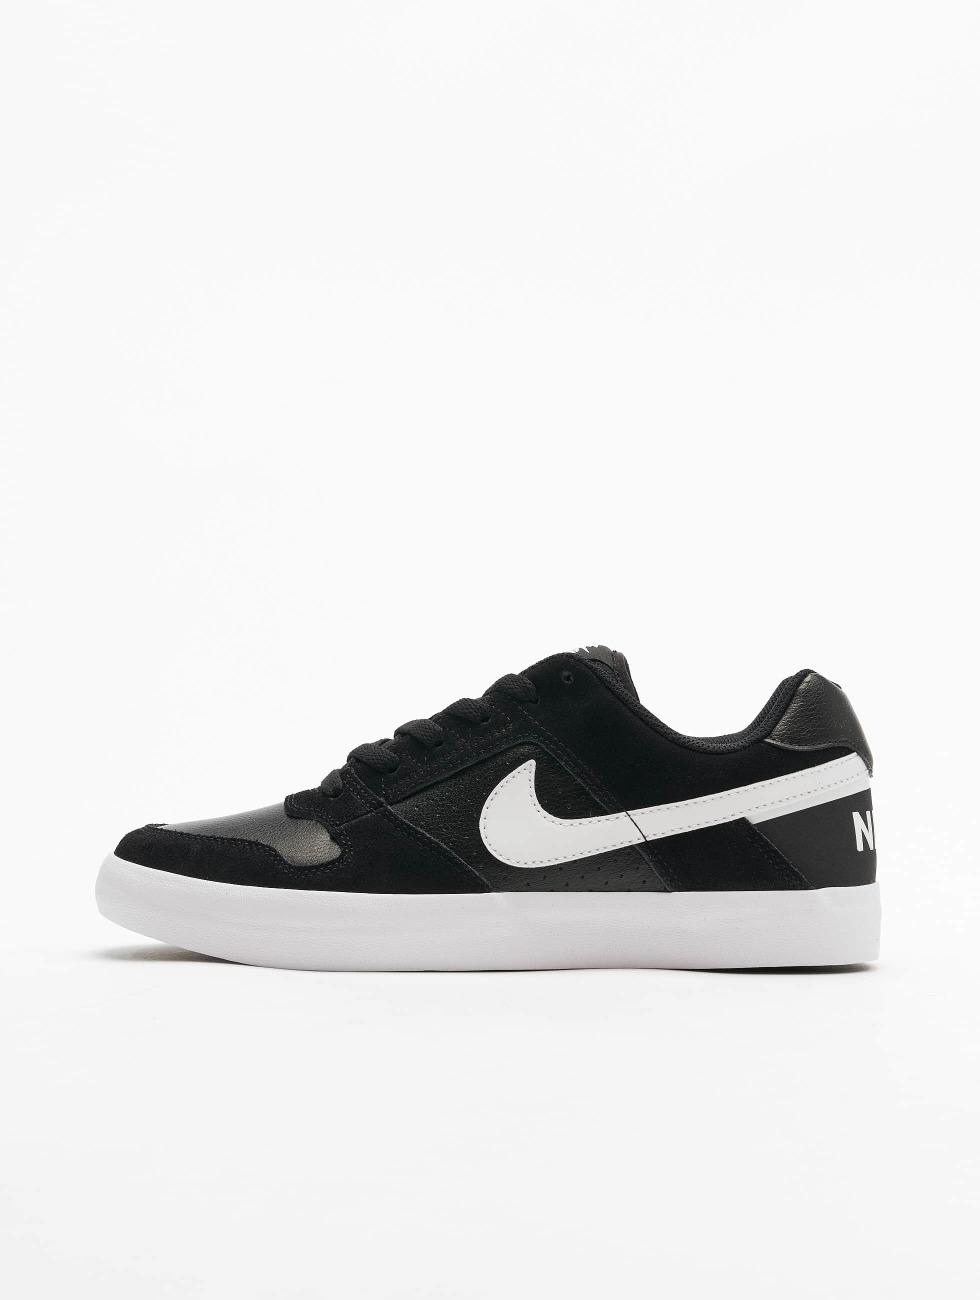 Goedkope Groothandelsprijs Footlocker Foto's Te Koop Nike schoen / sneaker SB Delta Force Vulc Skateboarding in zwart 344365 kwm2Bv